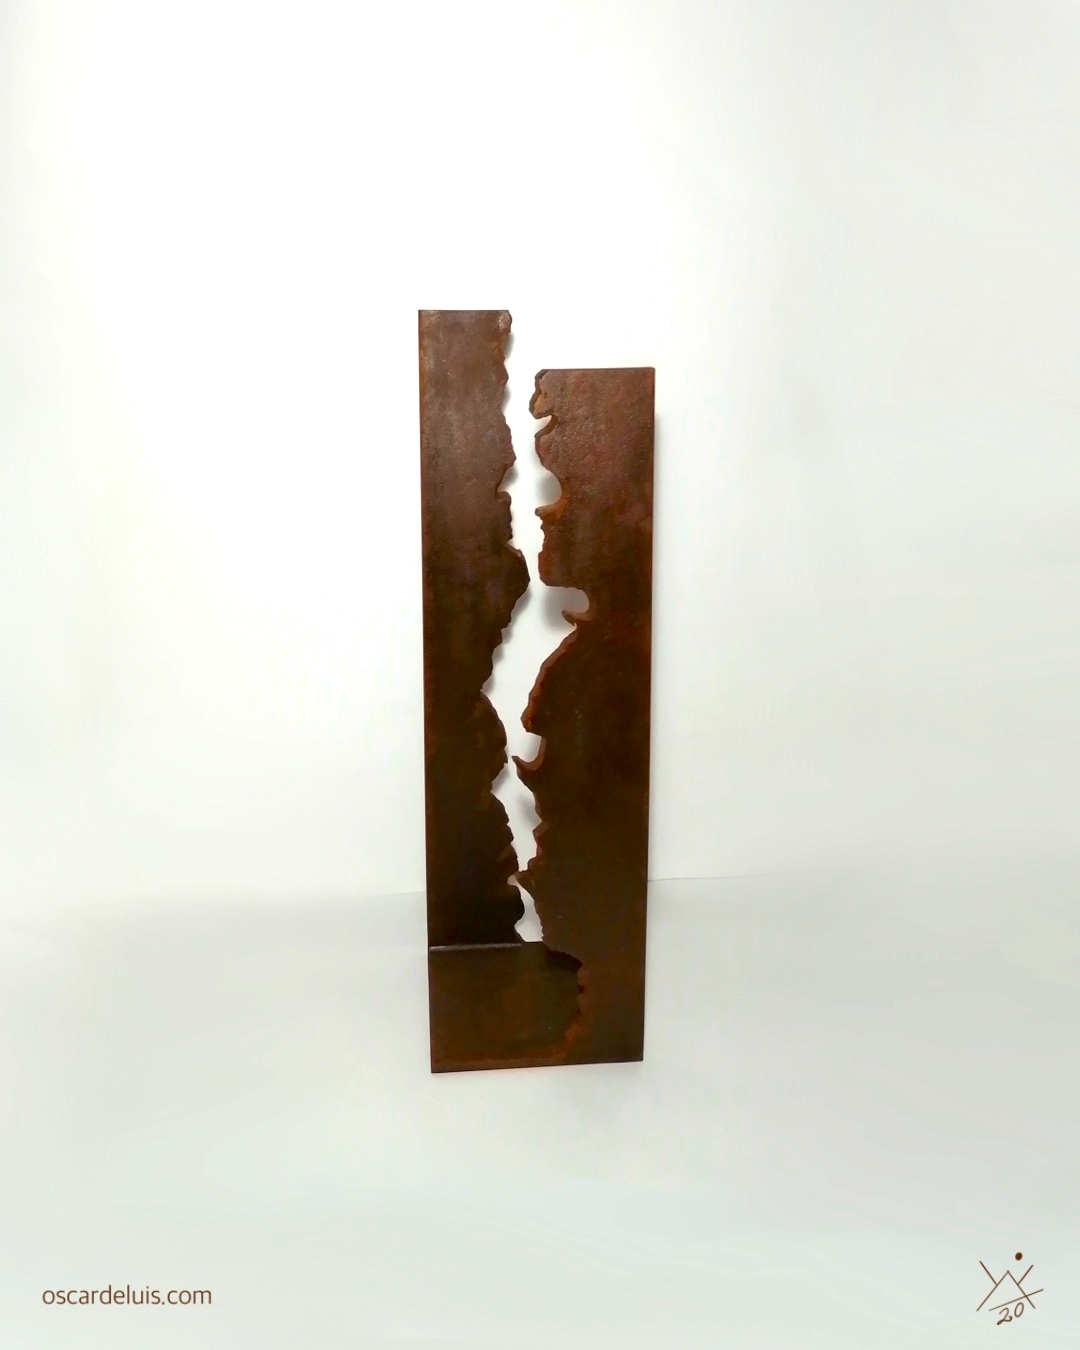 http://oscardeluis.com/escultura-abstracta-latidos